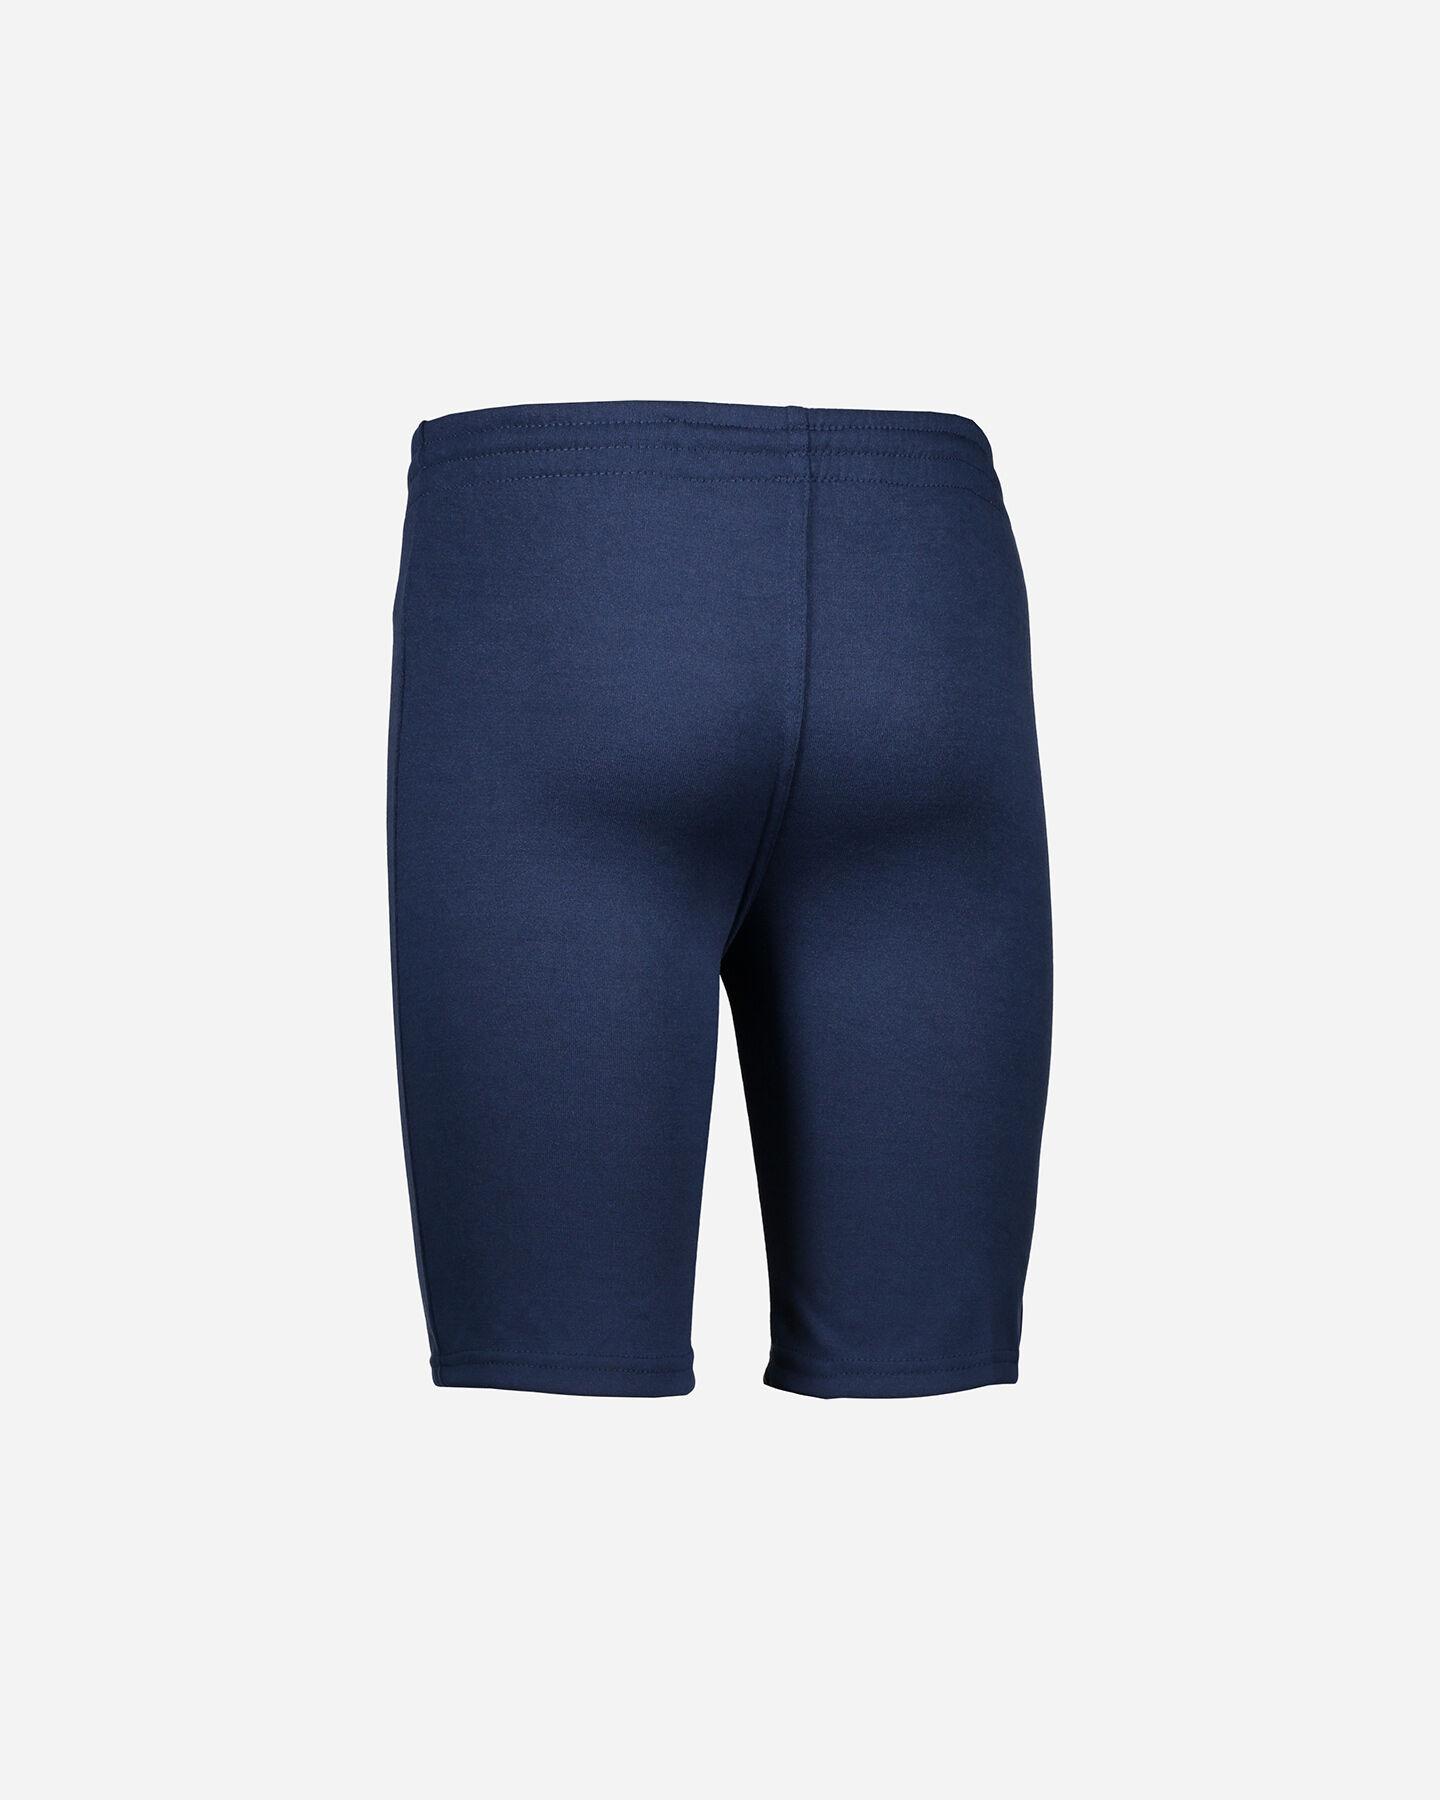 Pantaloncini intimo tecnico PRO TOUCH SCALDAMUSCOLI CALCIO M S1160953 scatto 2